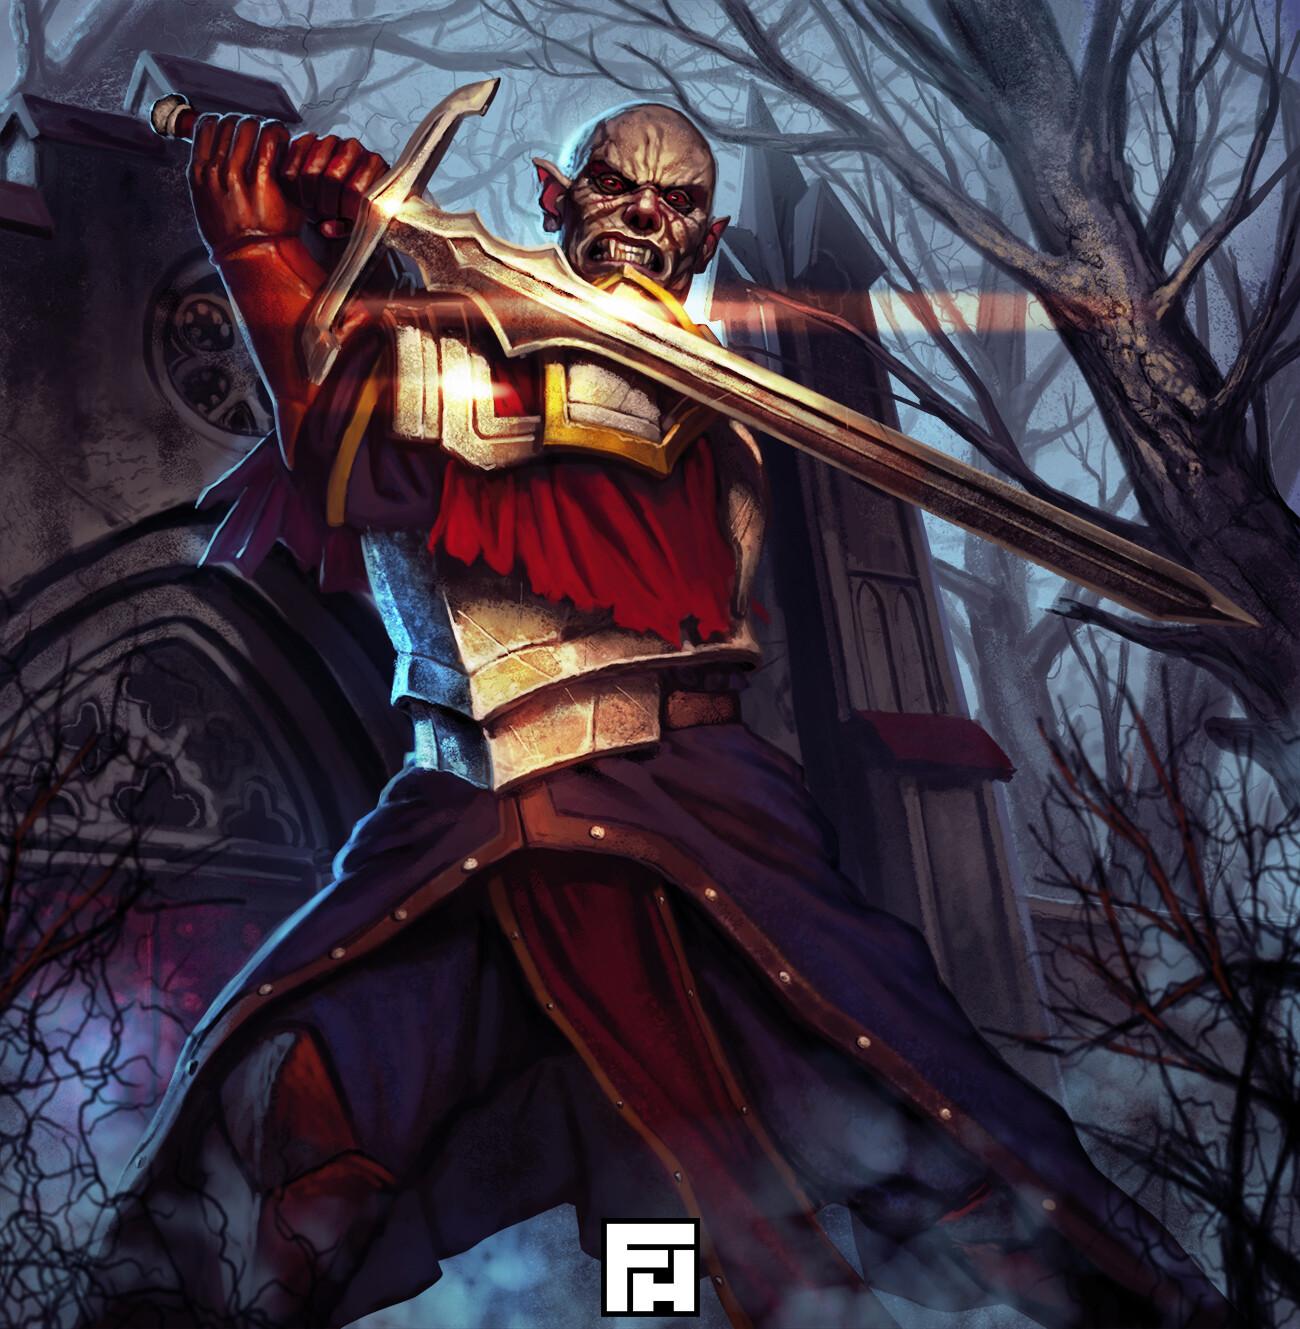 Fred hildebrand vampir kings will battle 2